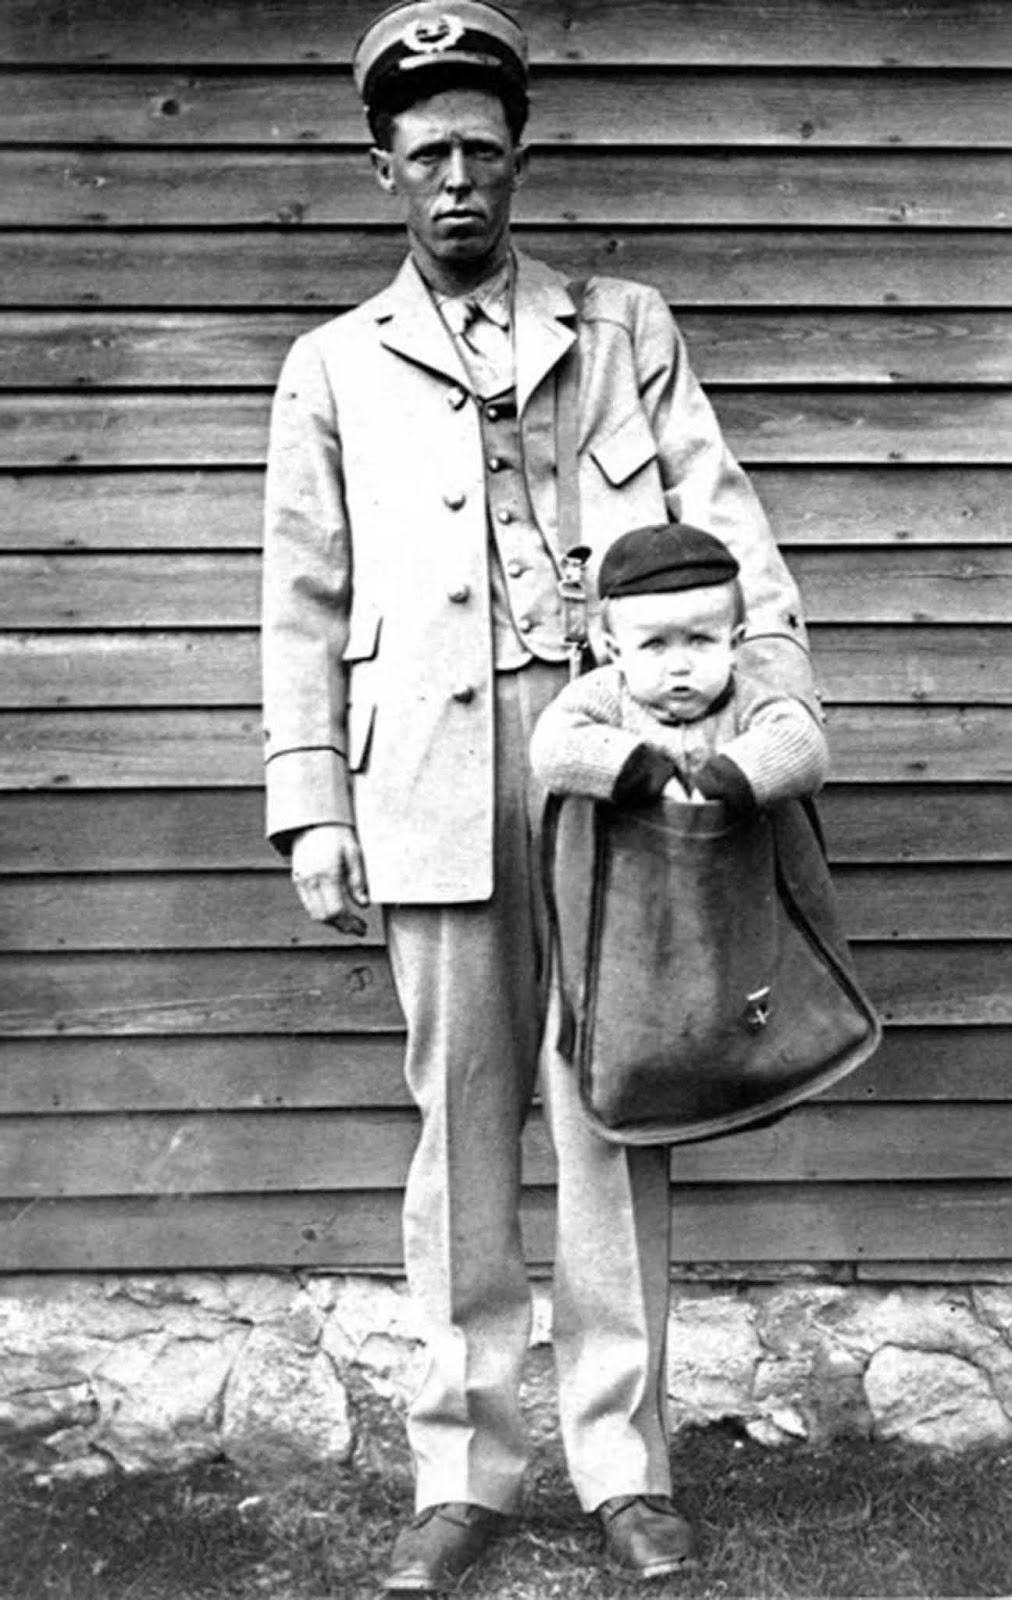 Wysyłanie dzieci pocztą. Krótka i osobliwa historia rodziców, którzy wysyłali bobasy kurierem